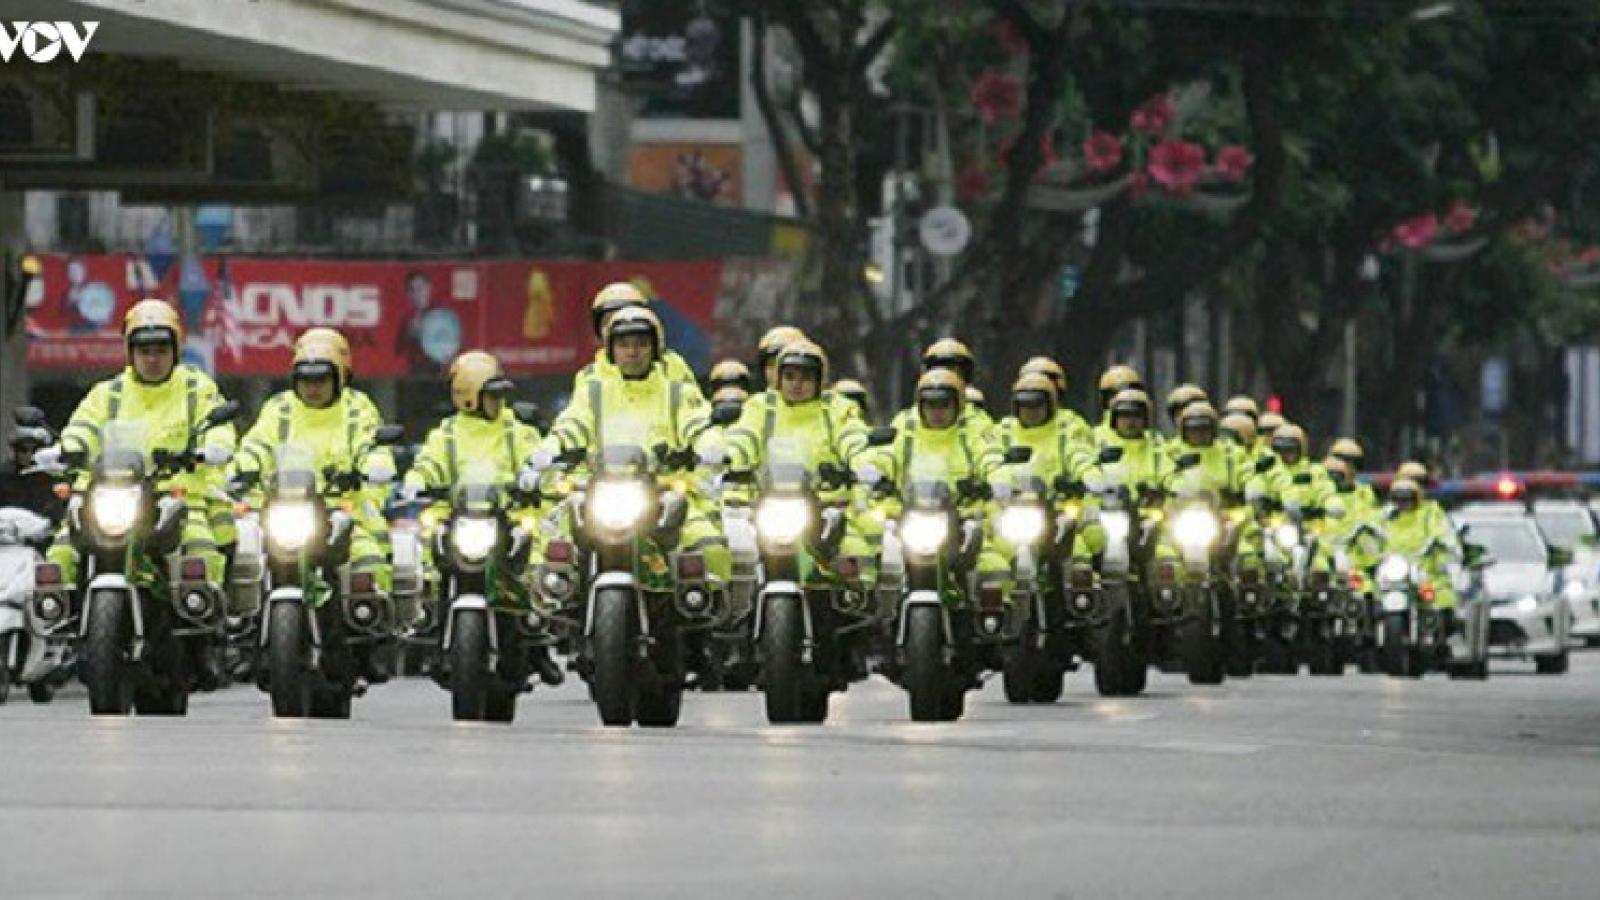 Hà Nội phân luồng giao thông phục vụ Đại hội Đại biểu lần thứ XVII Đảng bộ Thành phố